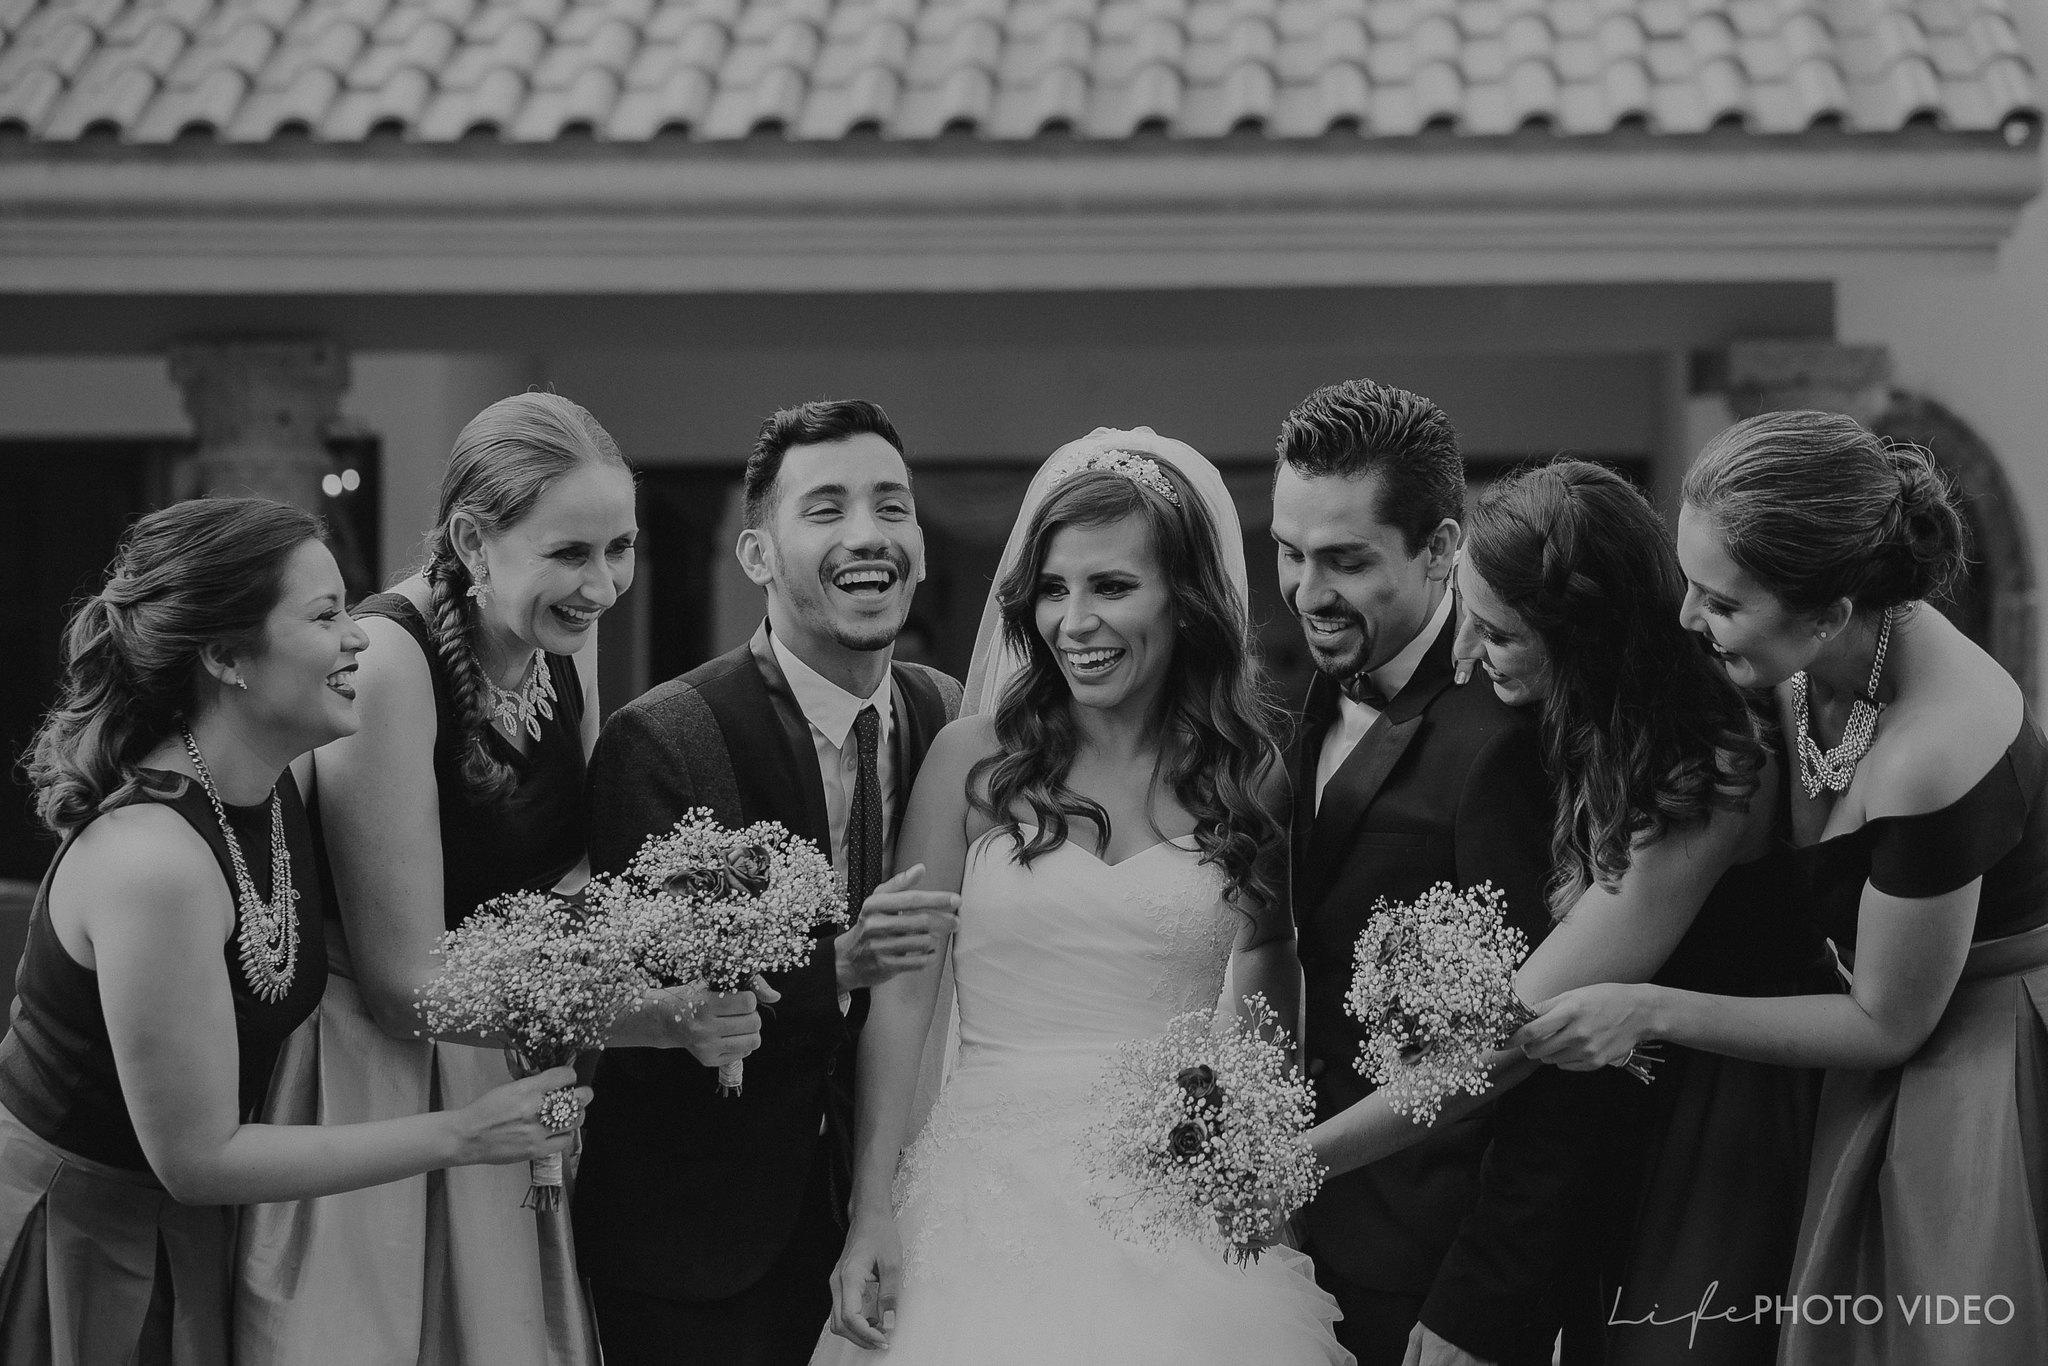 Boda_LeonGto_Wedding_LifePhotoVideo_0026.jpg